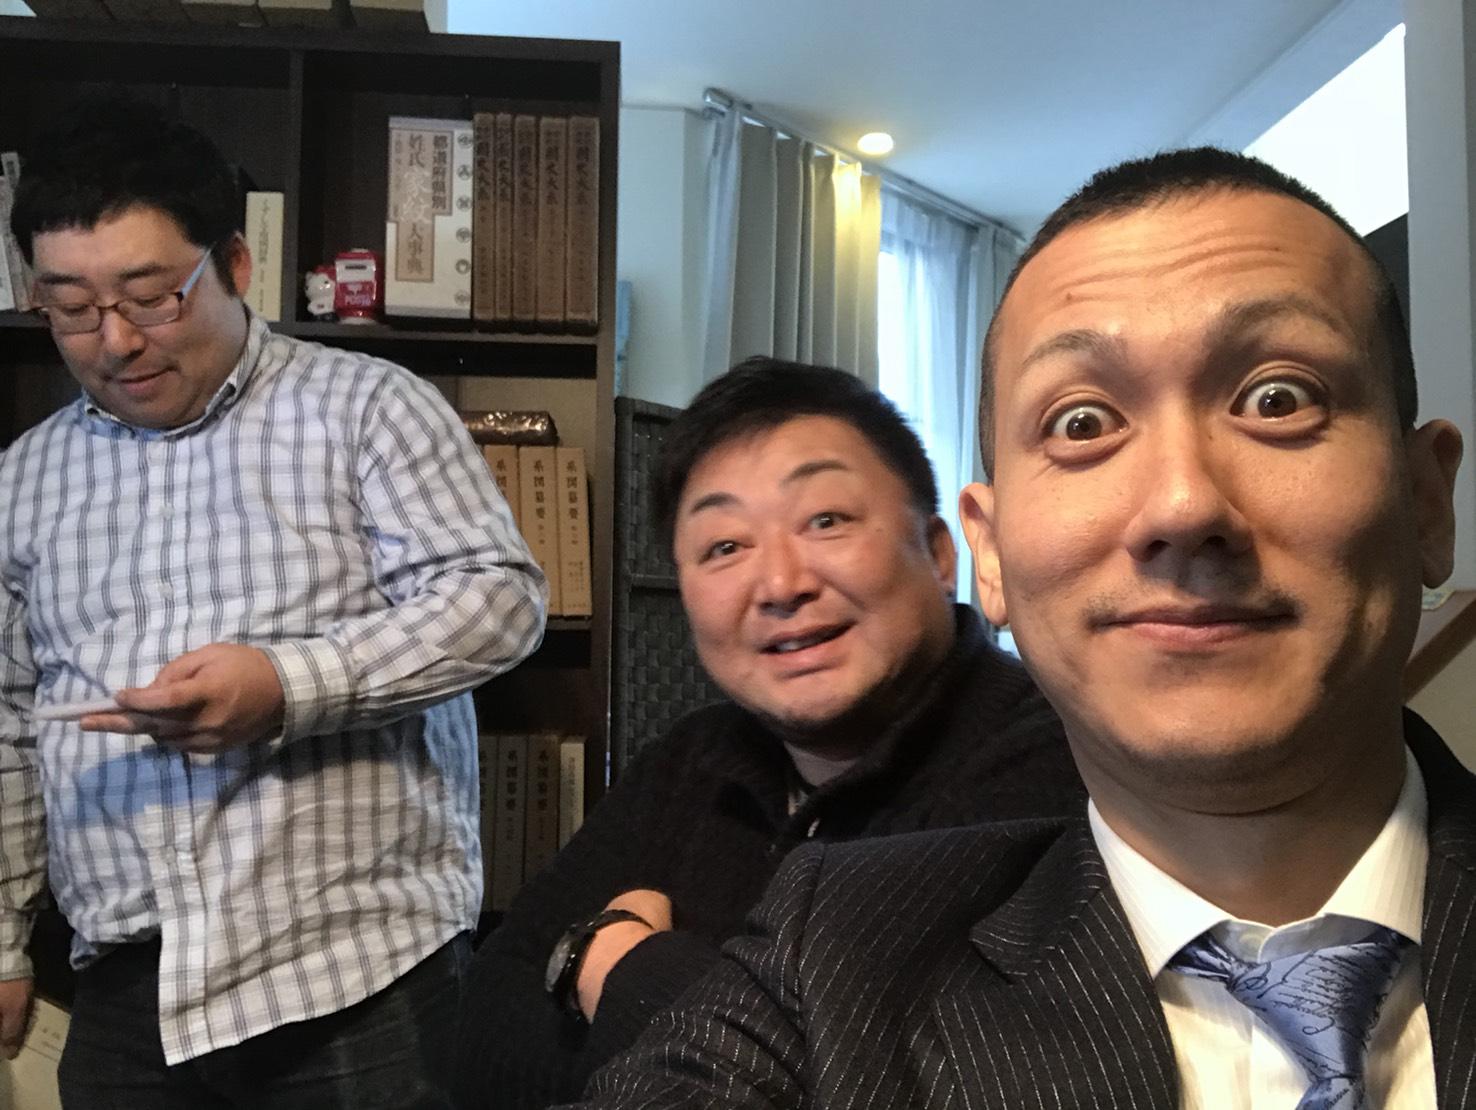 1月30日 火曜日のひとログ(´▽`) 社長地上波に登場??!!こうご期待!TOMMY_b0127002_17414454.jpg